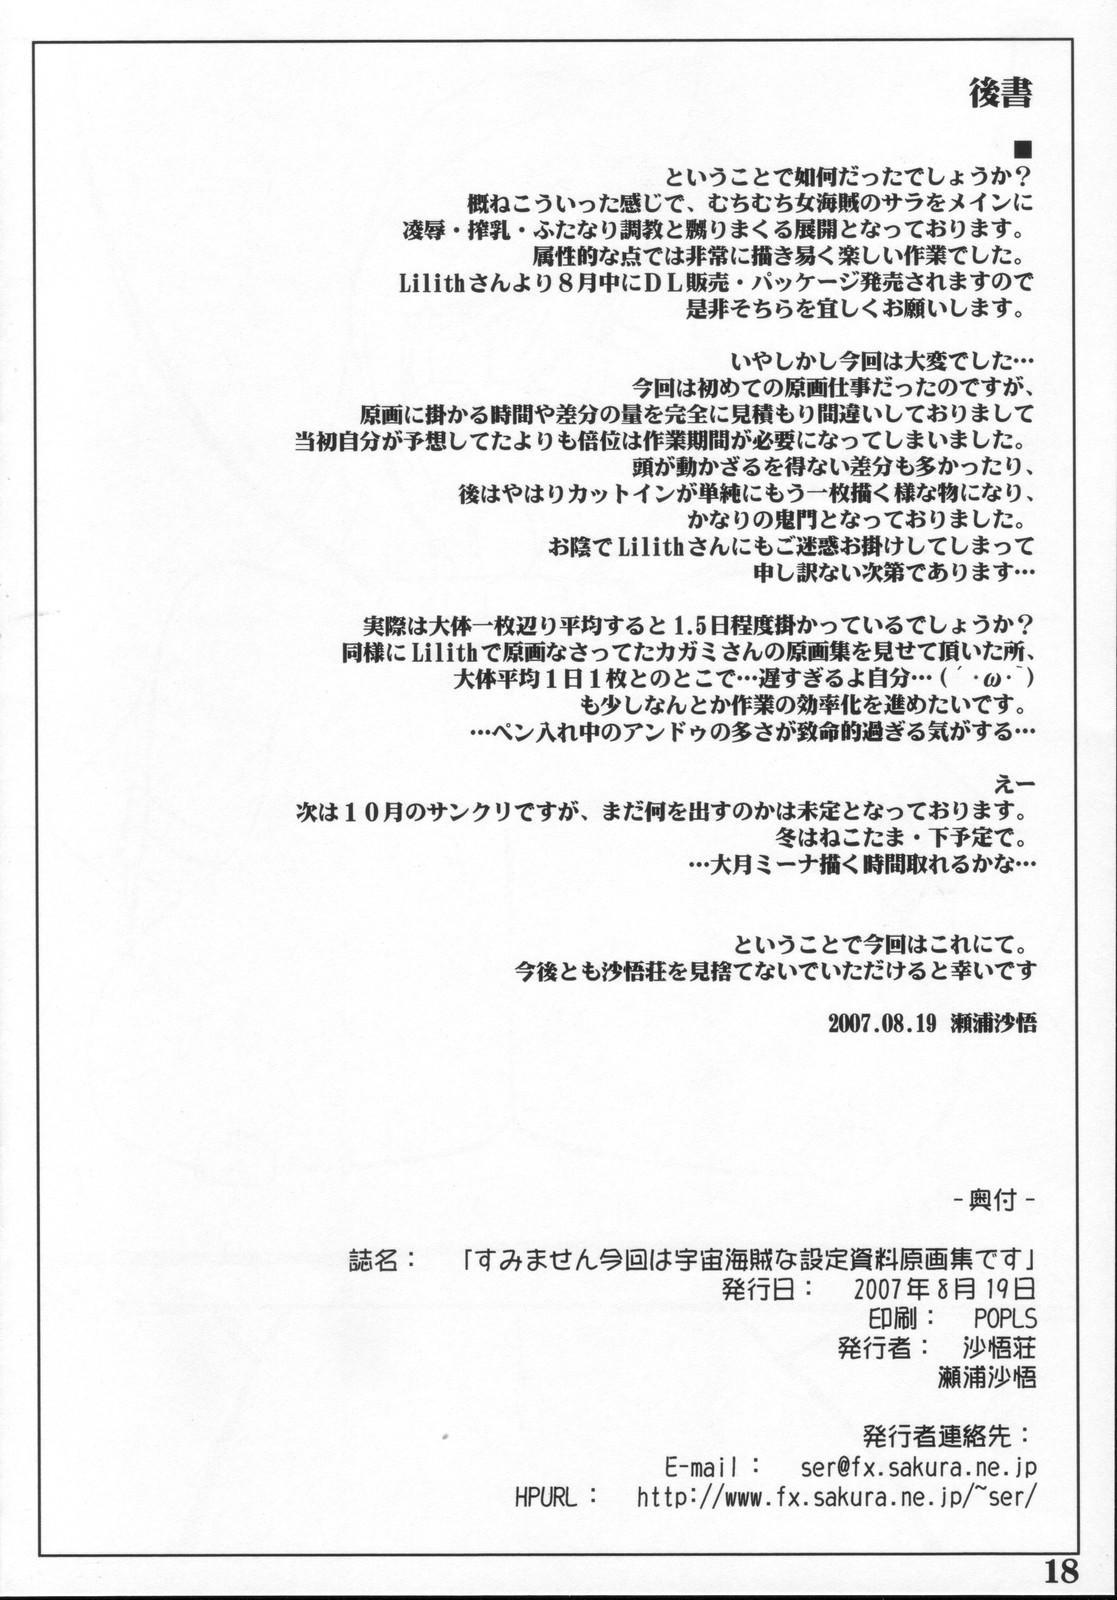 sumimasen konkai wa uchuu kaizoku na settei shiryou genga shuu desu 16